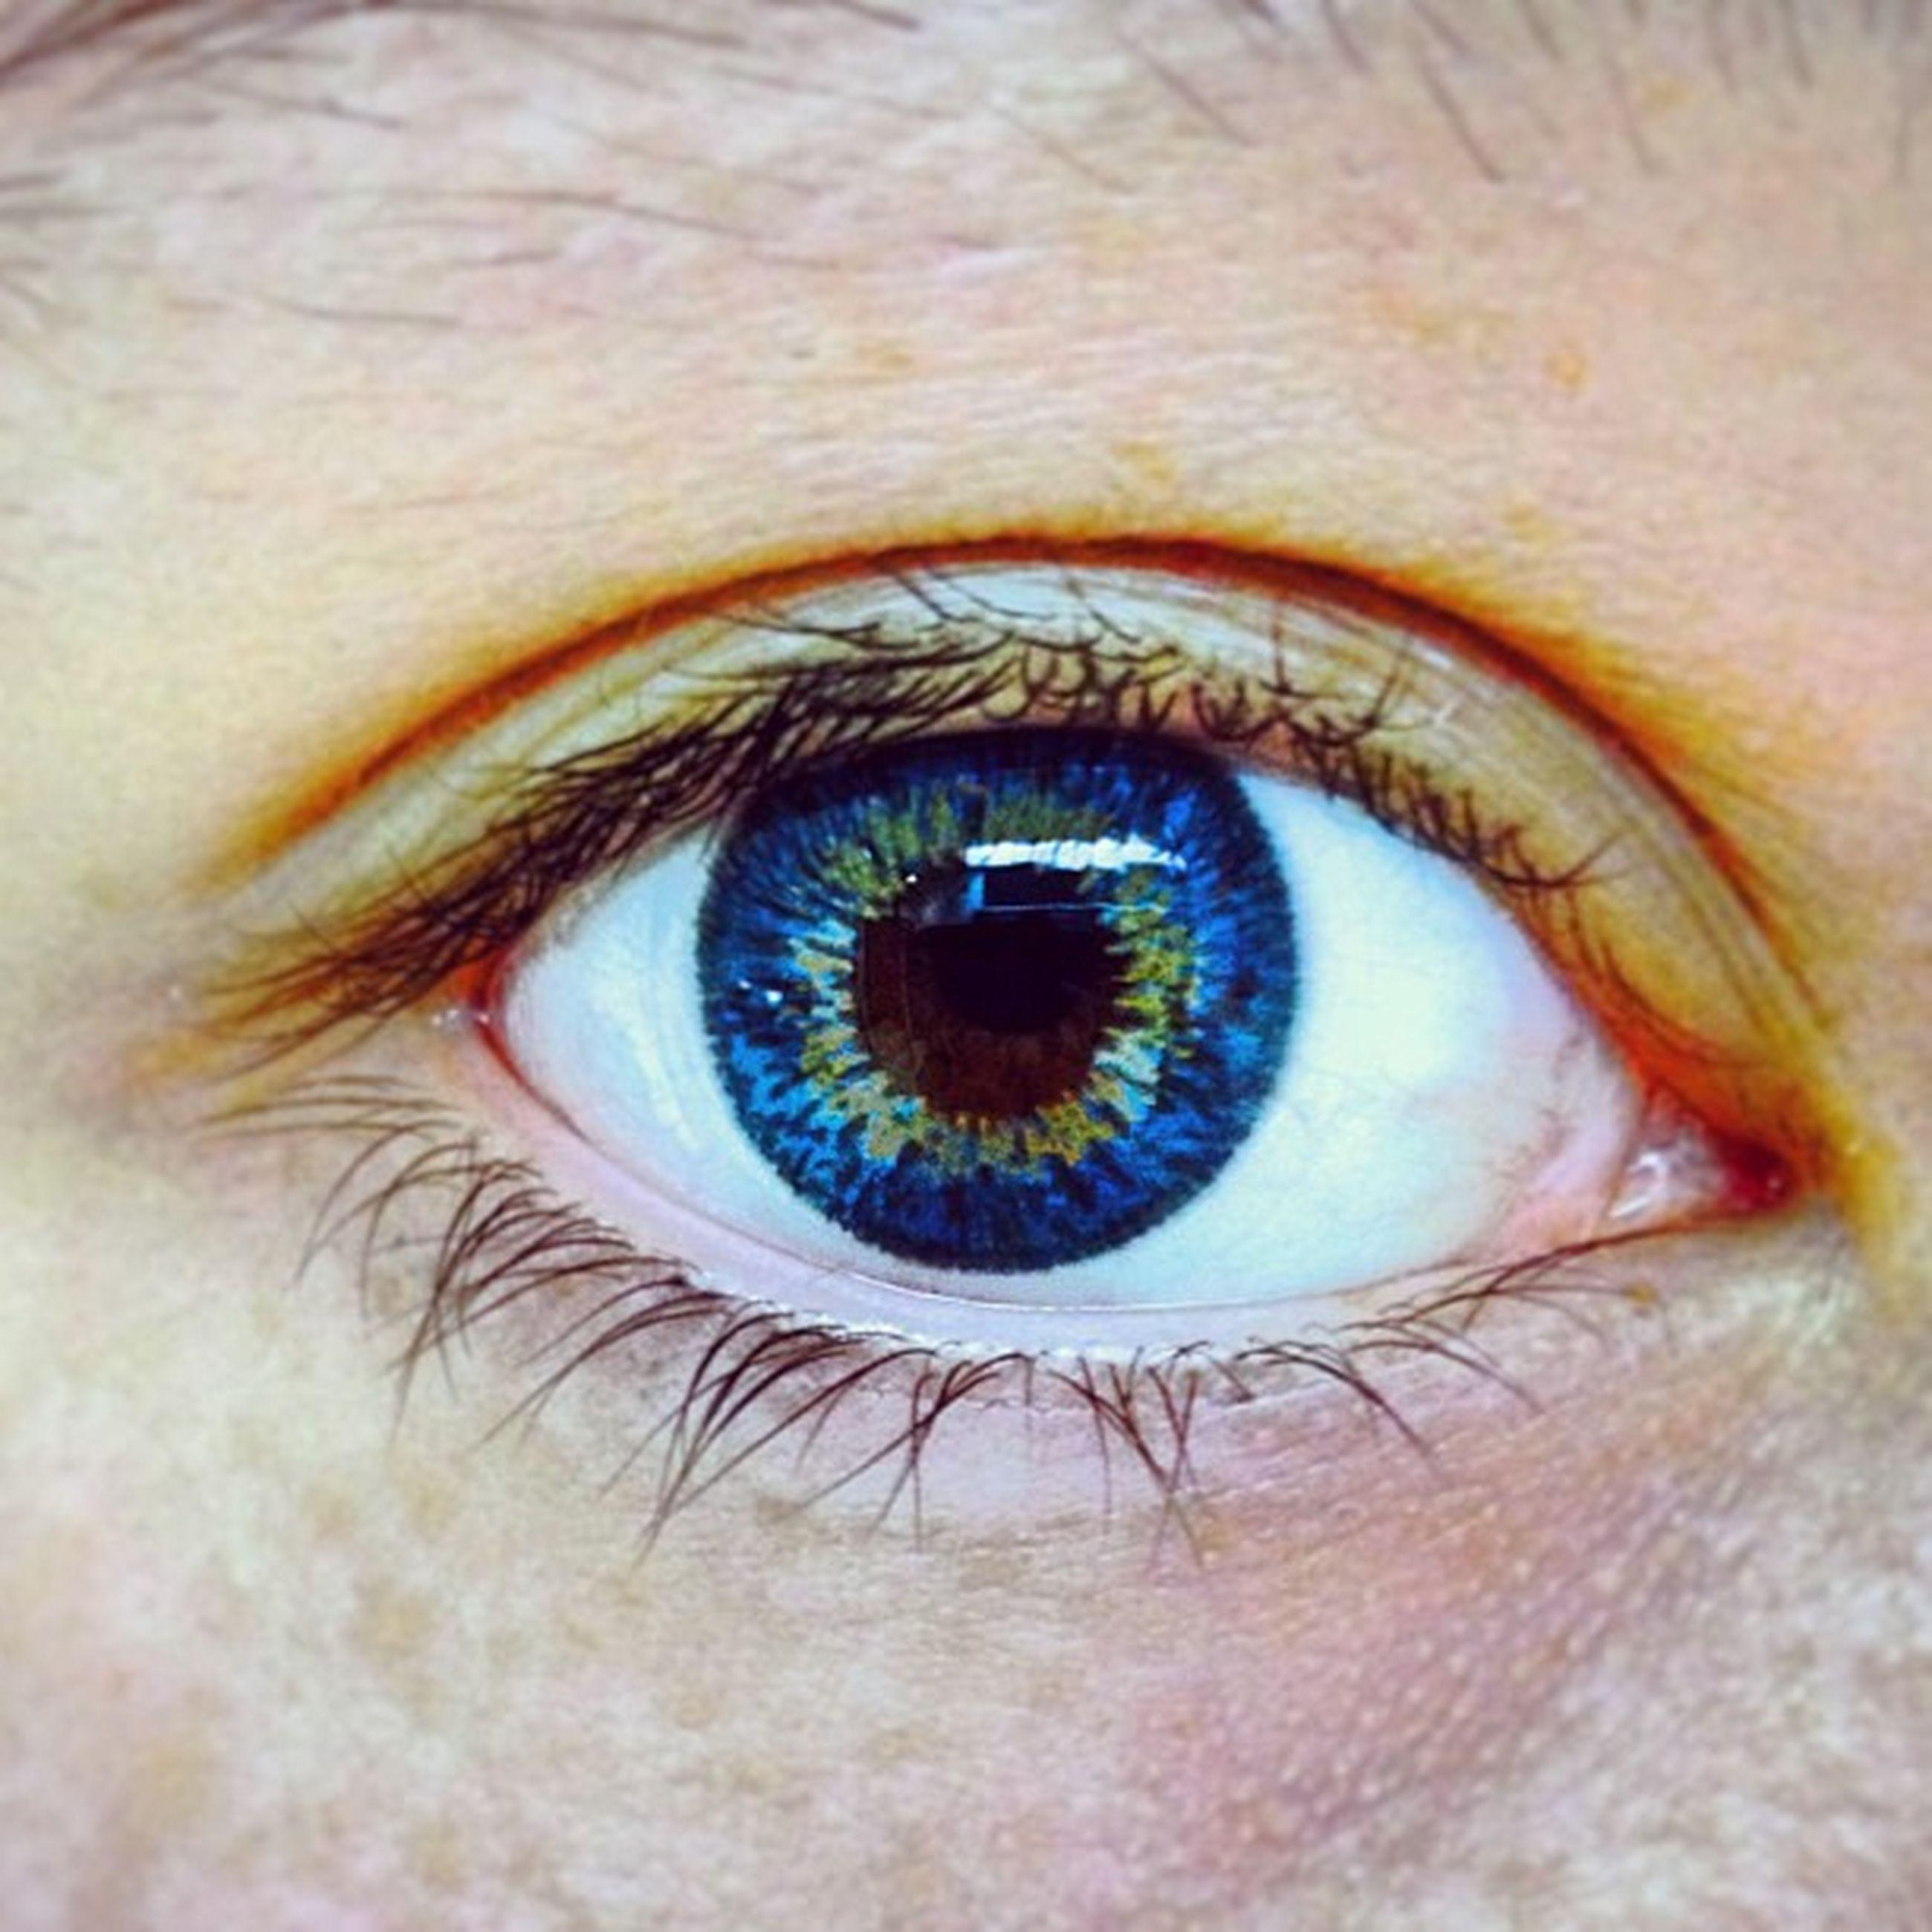 human eye, eyelash, eyesight, close-up, sensory perception, extreme close-up, iris - eye, eyeball, looking at camera, full frame, portrait, part of, extreme close up, human skin, eyebrow, vision, backgrounds